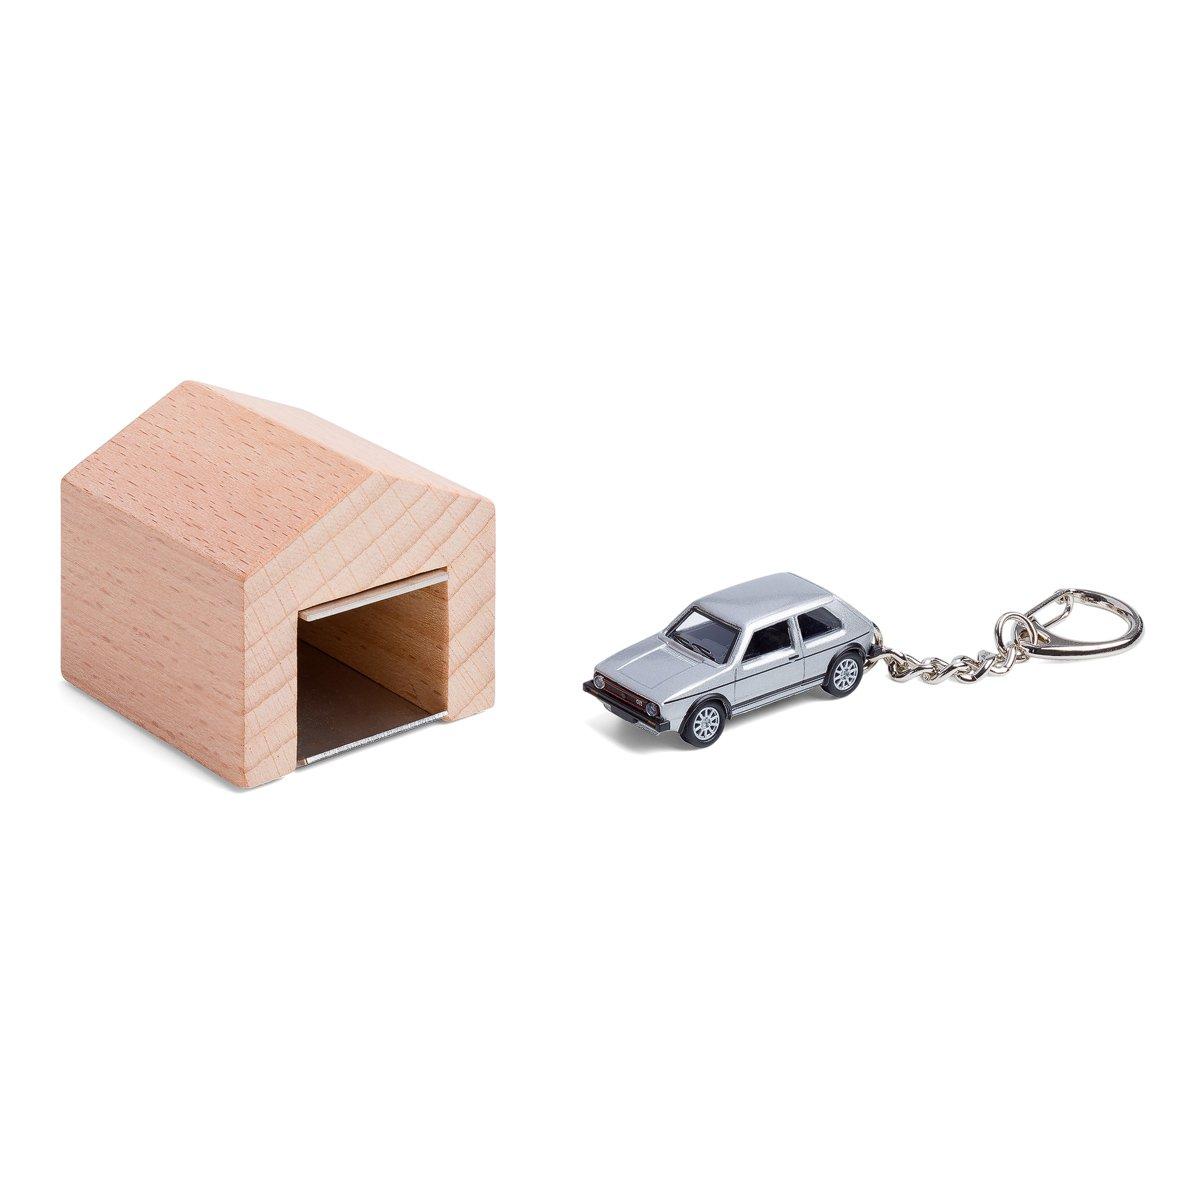 Garage mit Kultauto f/ür die Wand das Design-Schl/üsselboard aus Buchenholz und Edelstahl inkl Modellauto mit Schl/üsselanh/änger Citro/ën 2CV rot corpus delicti